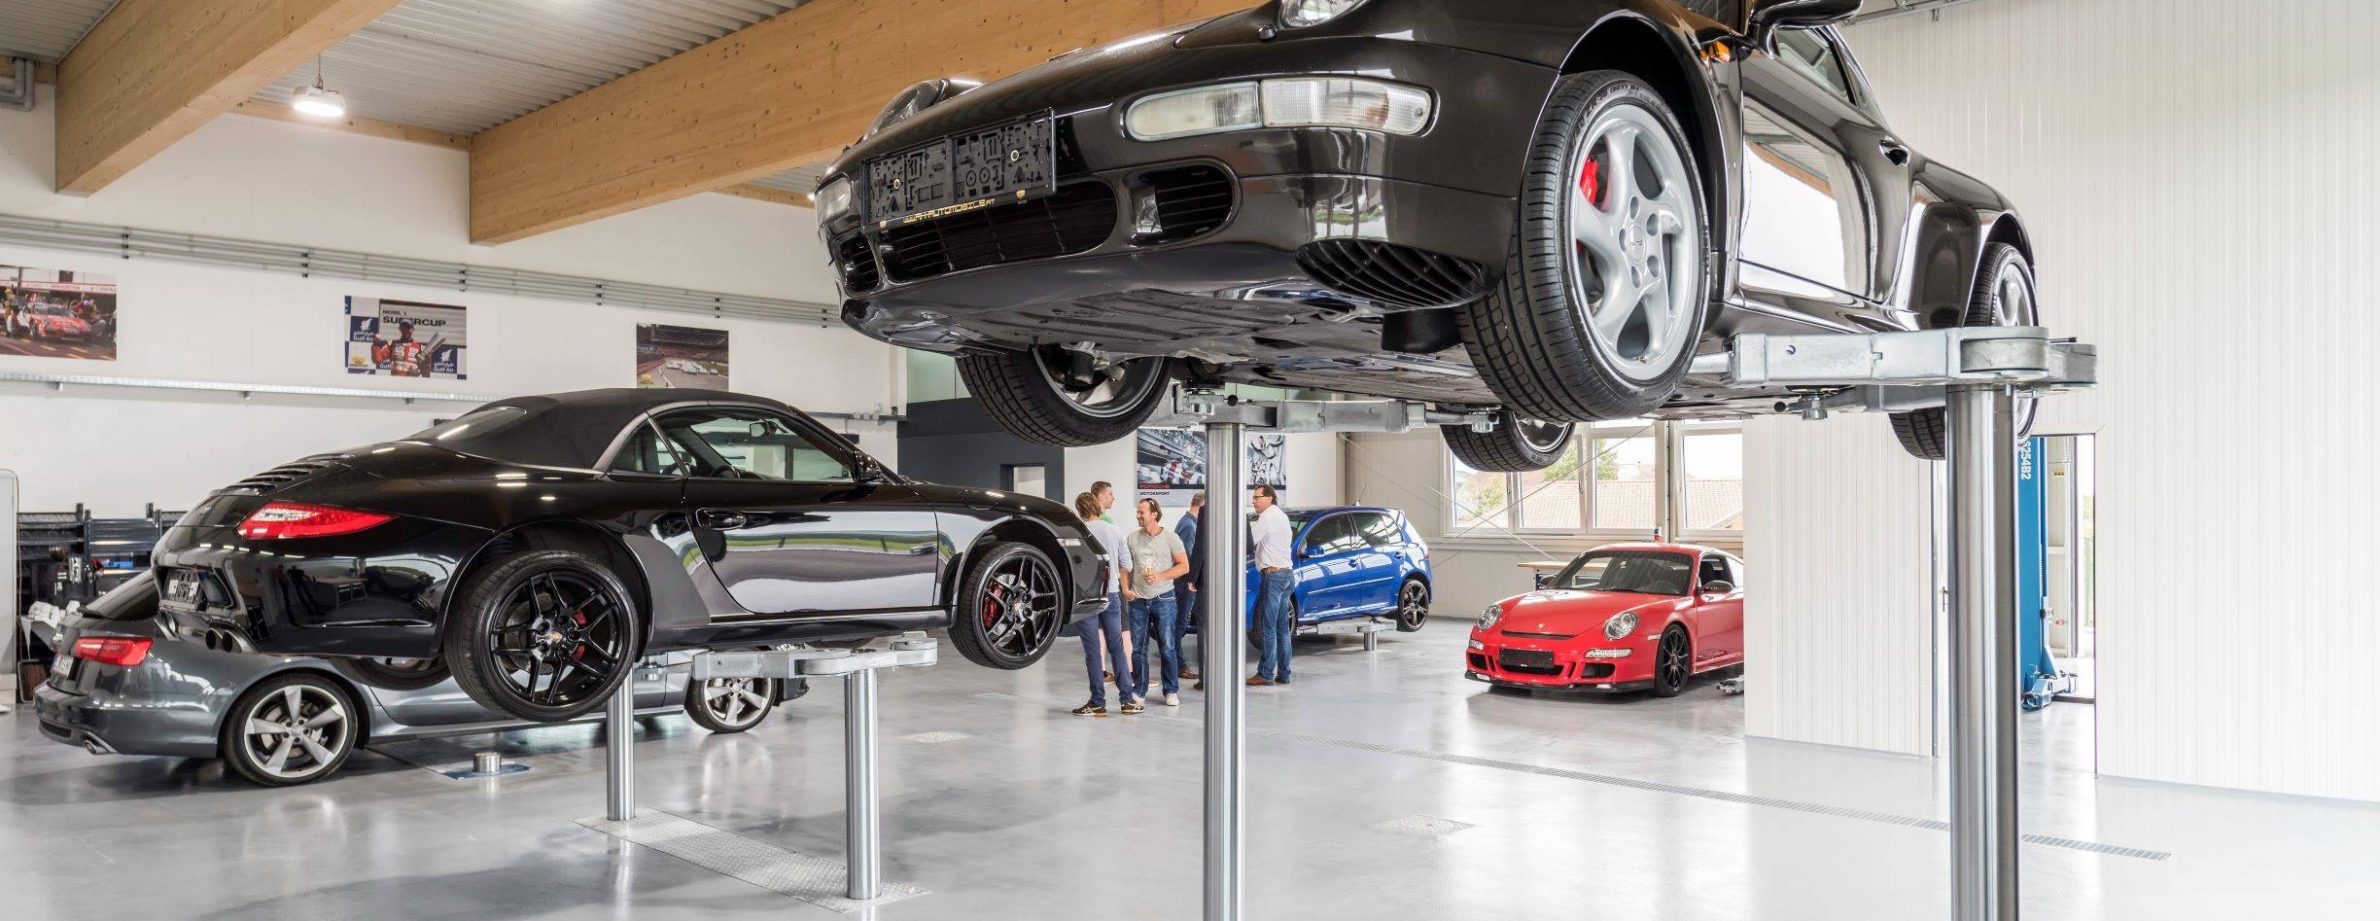 Porschefahrzeuge auf Hebebühne in der R&H Automobile